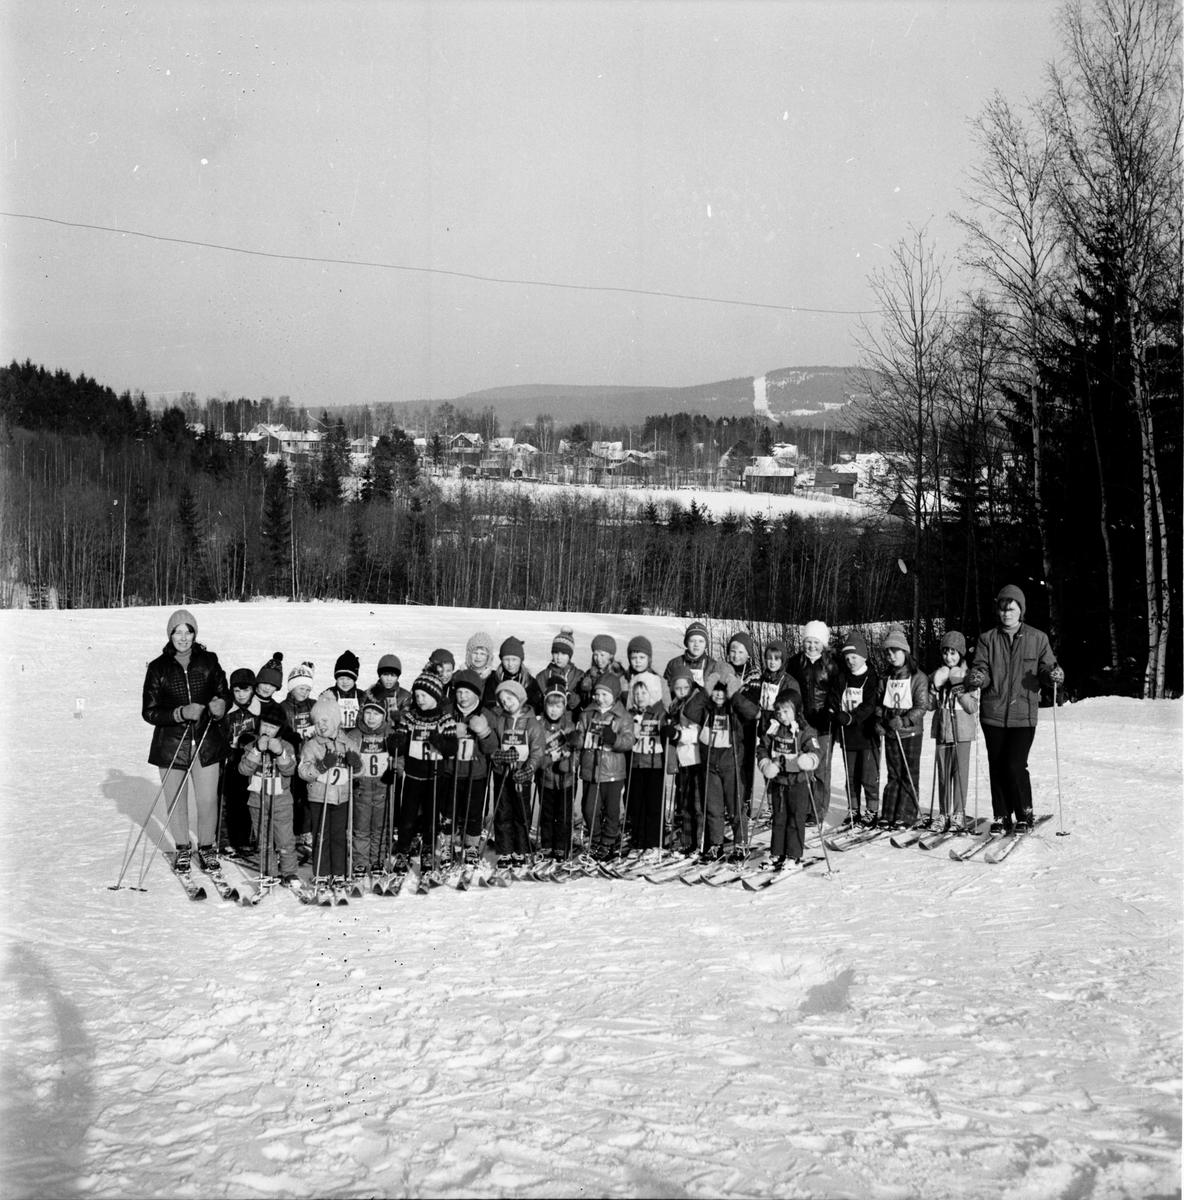 Skidfrämjarnas barnskidskola i Vallsta, Mars 1972